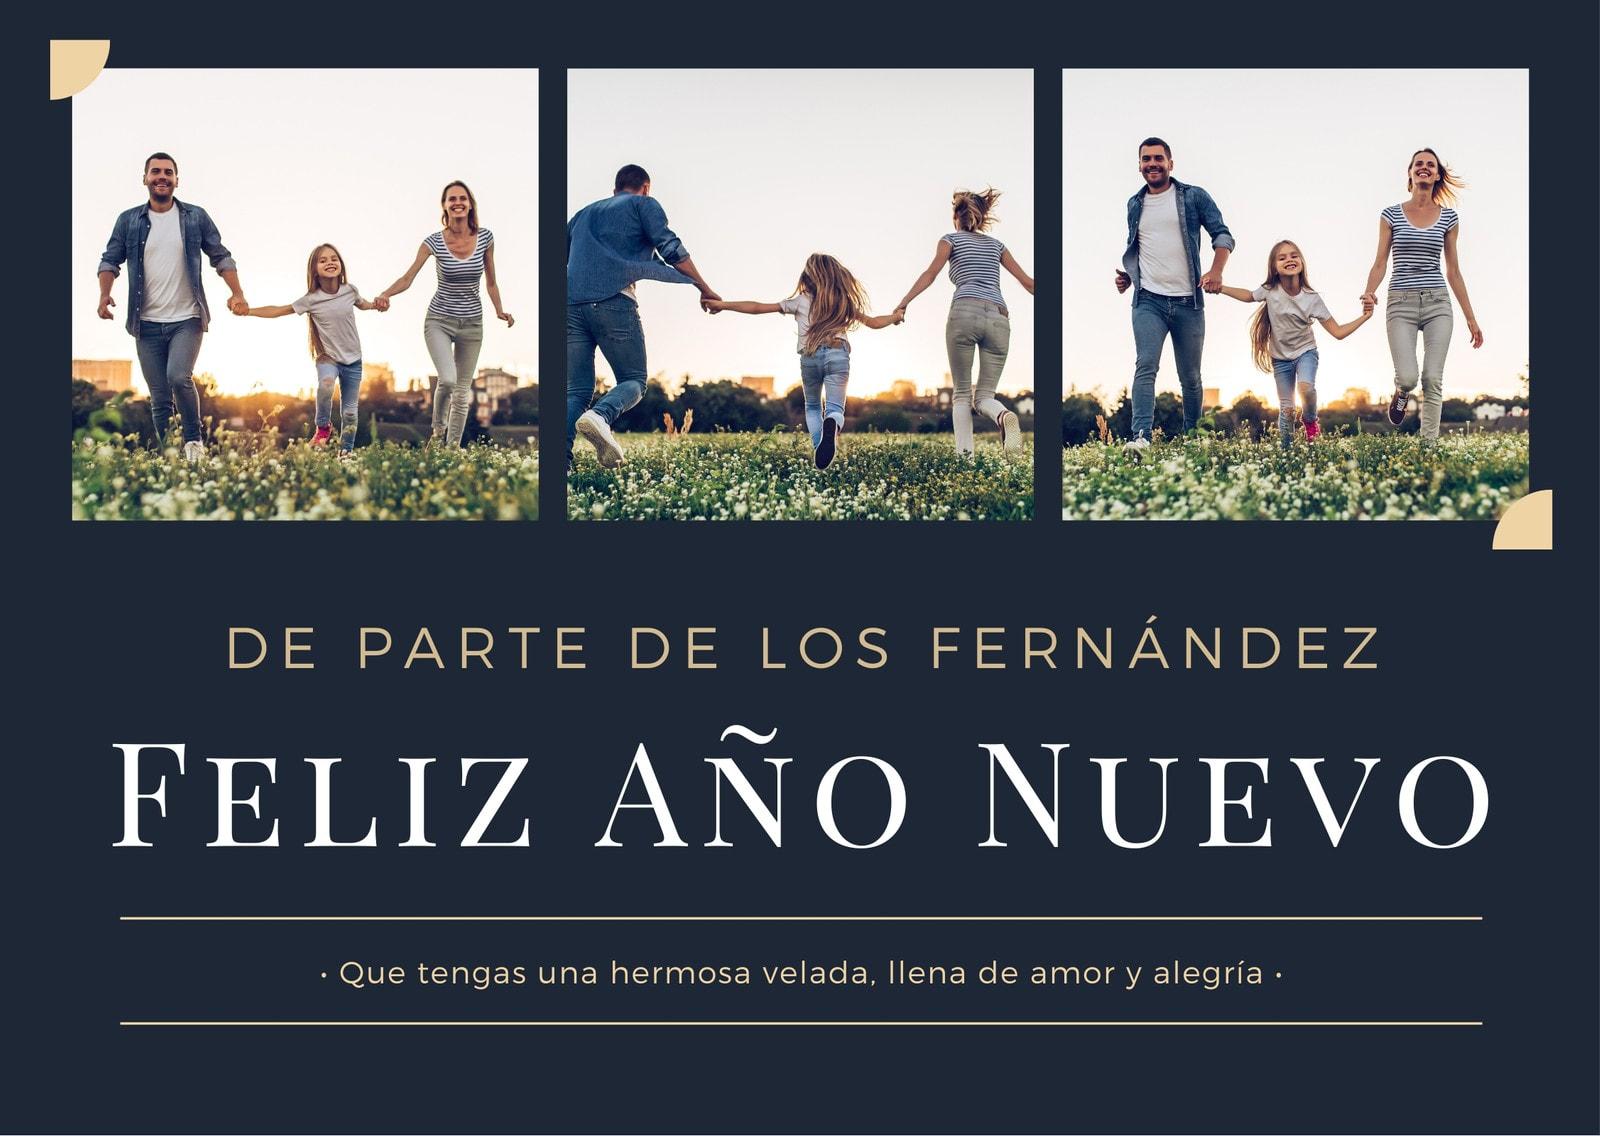 Azul Oscuro y Beige Elegante Año Nuevo Familia Saludos Tarjeta